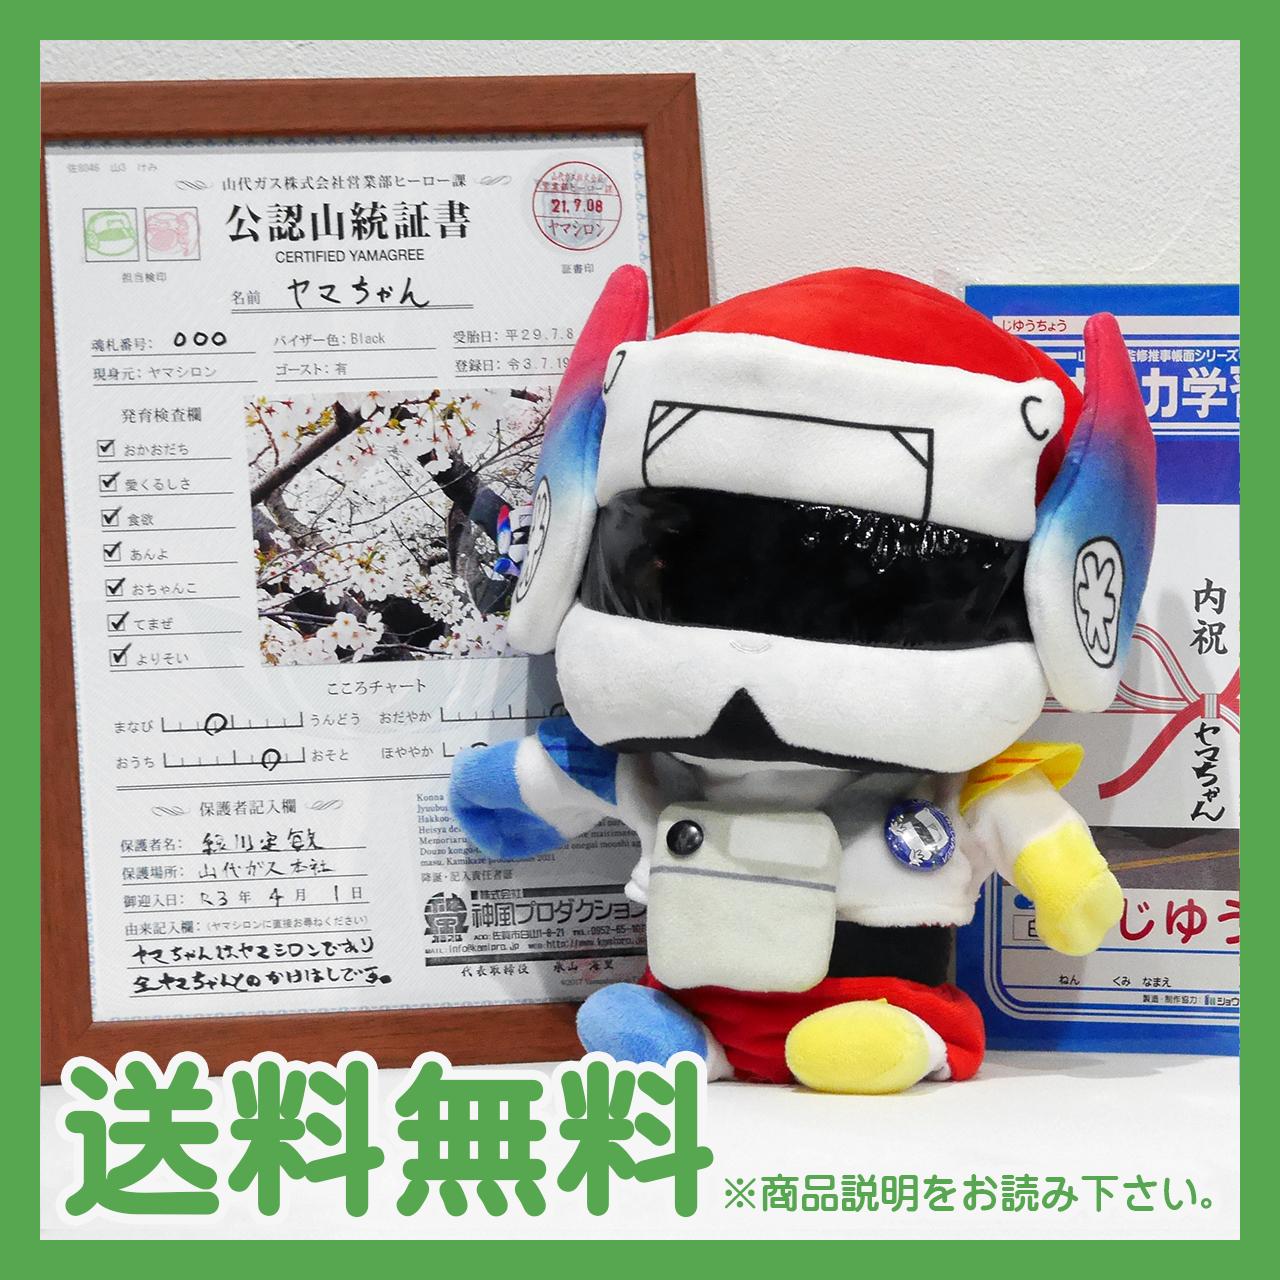 公認山統証書+ヤマちゃん学習セット(ノート3冊)